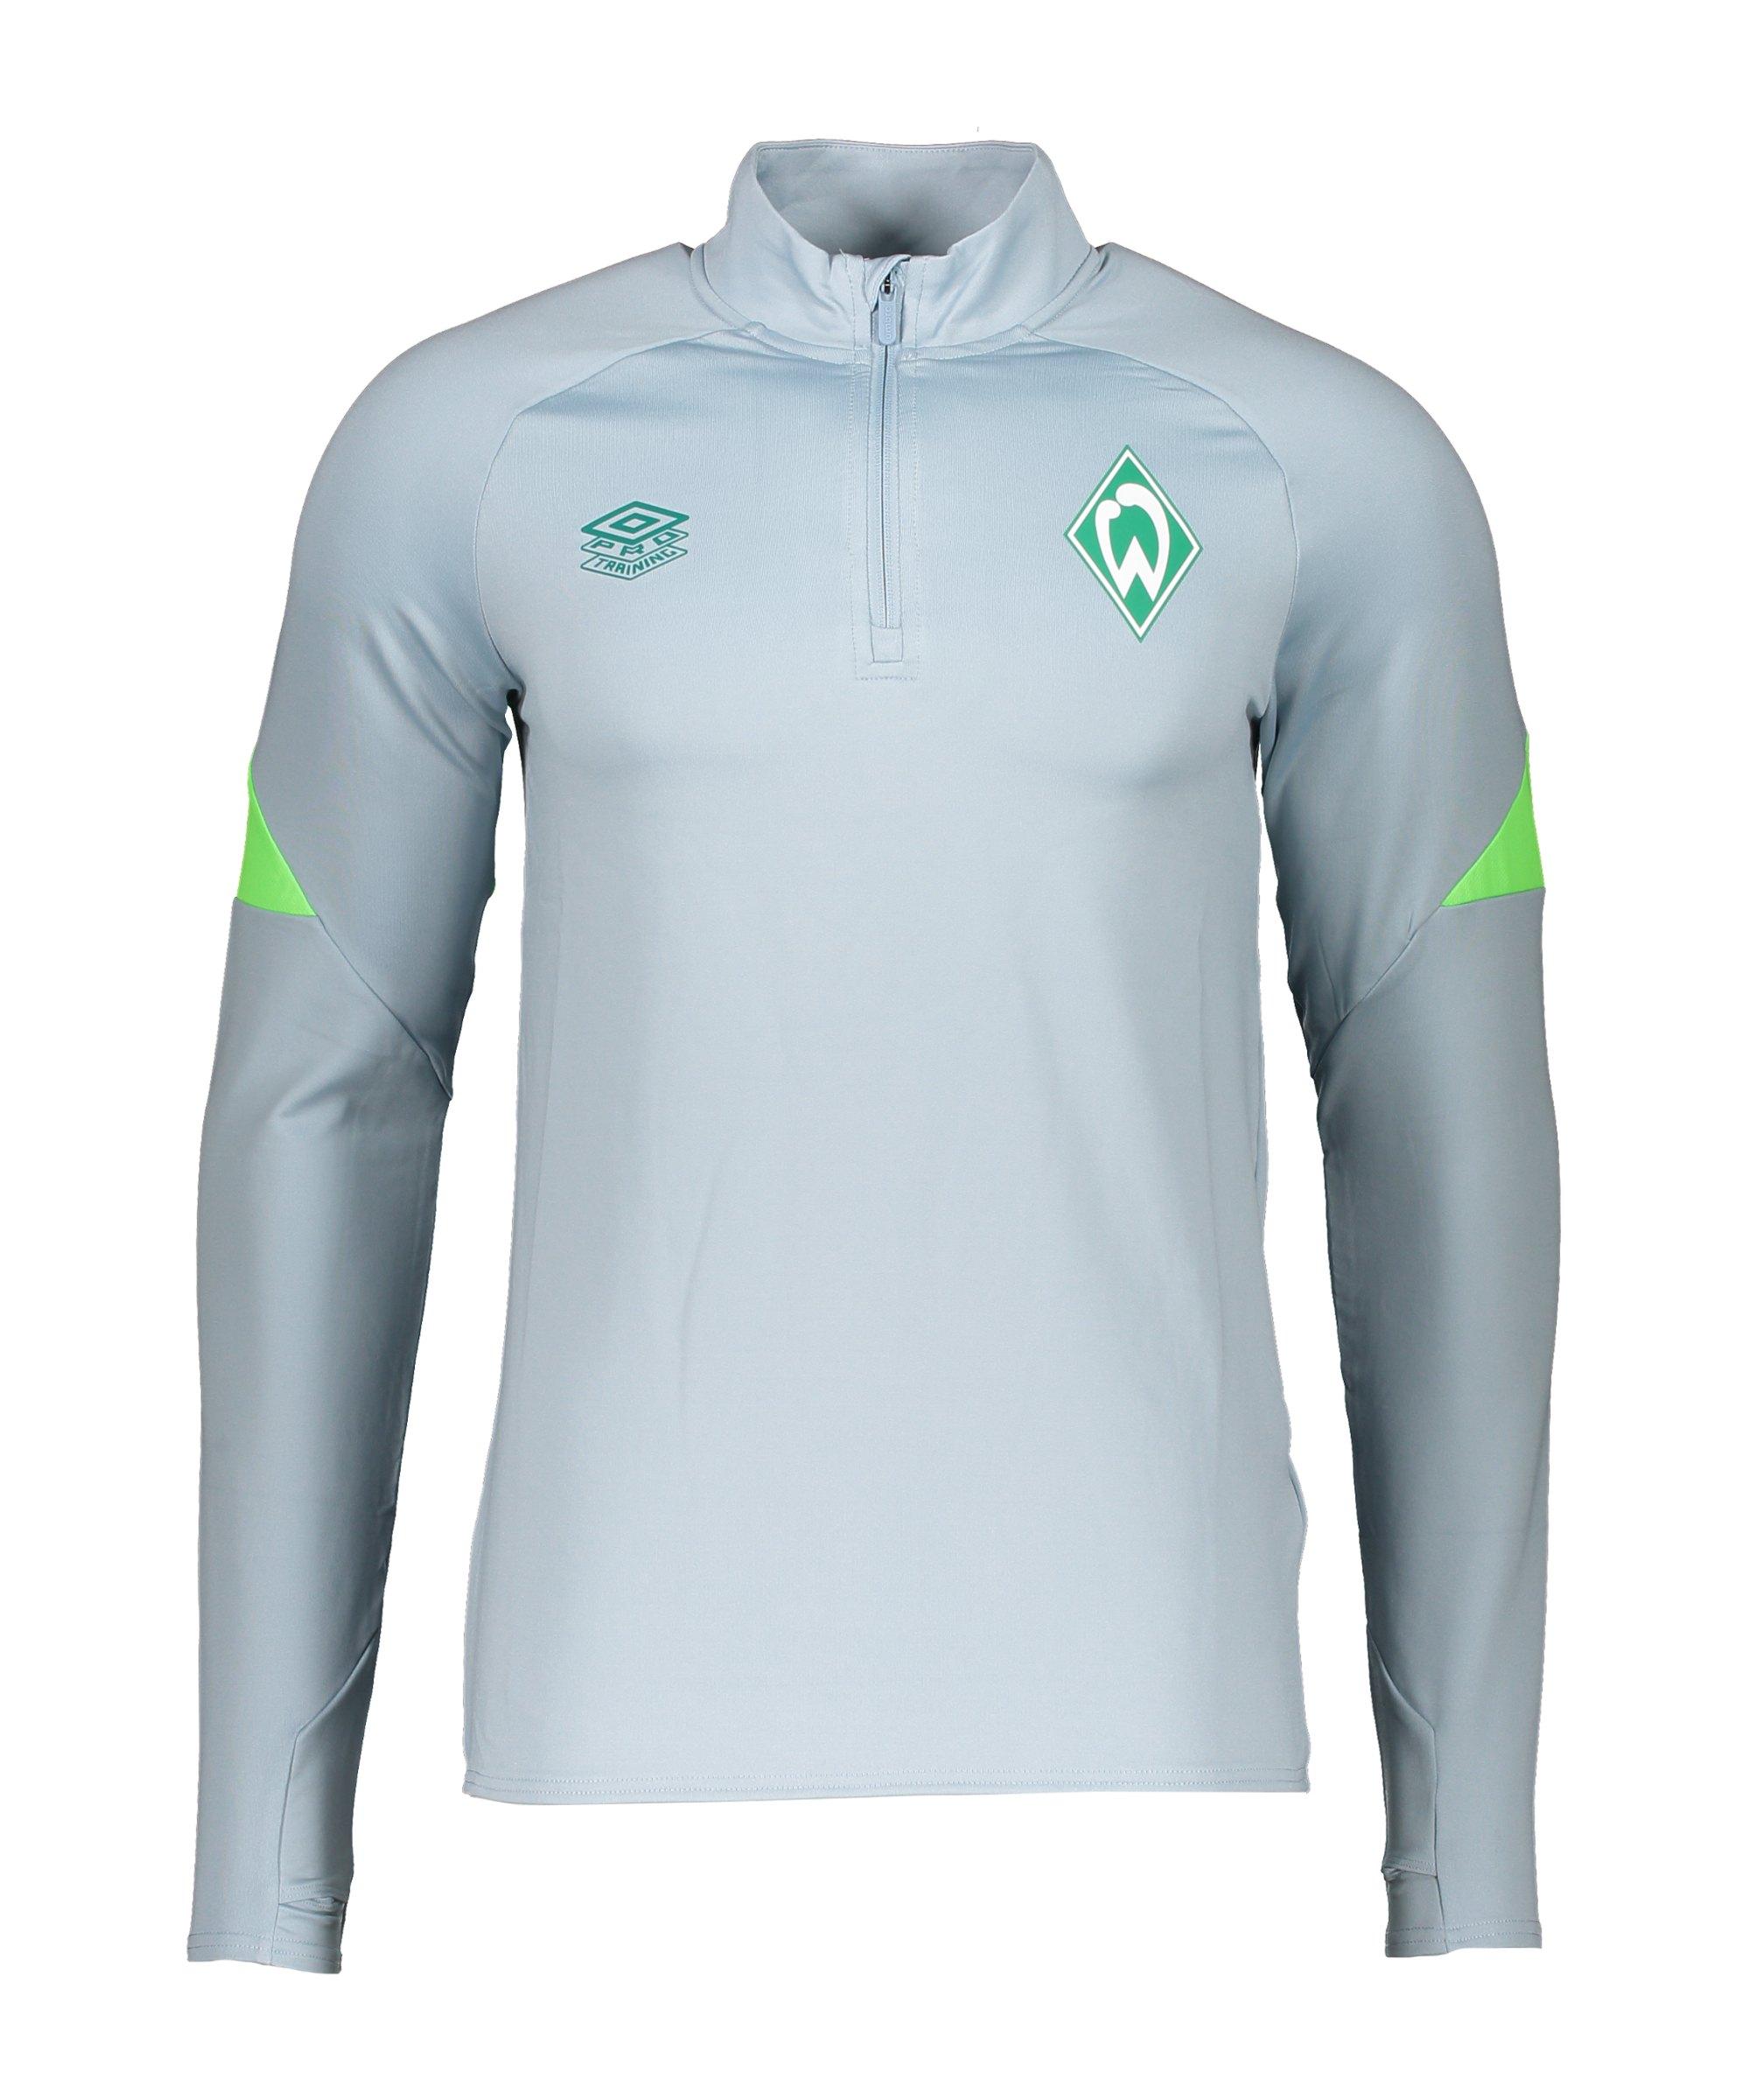 Umbro SV Werder Bremen Drill Top Kids Blau - blau